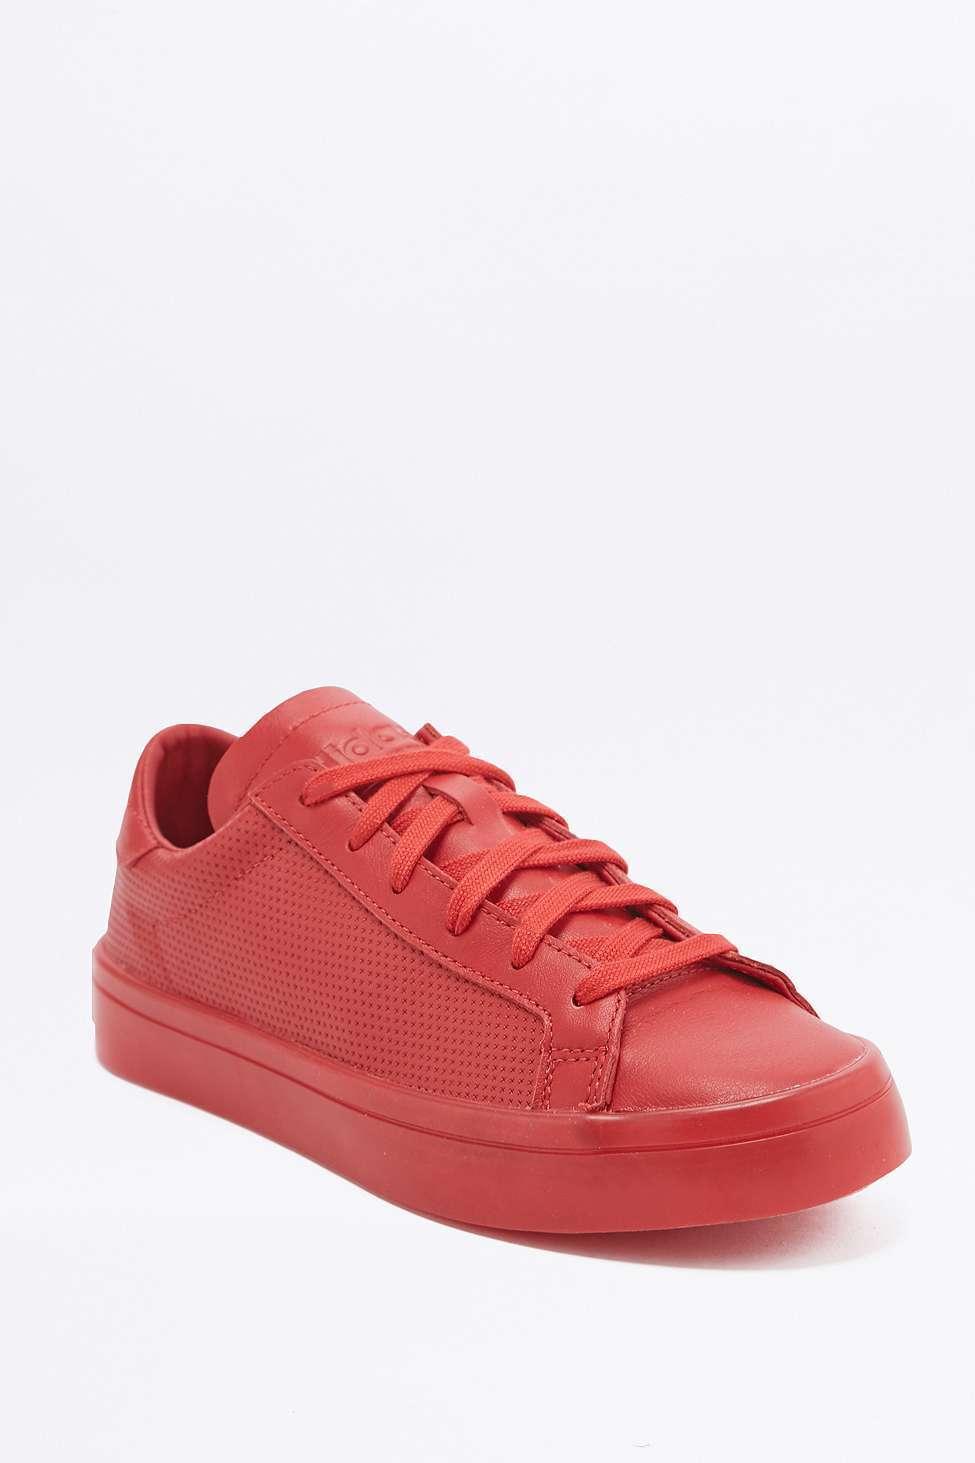 Adidas Originals CourtVantage Adicolor Trainers S80253 - Red - UK 4   New